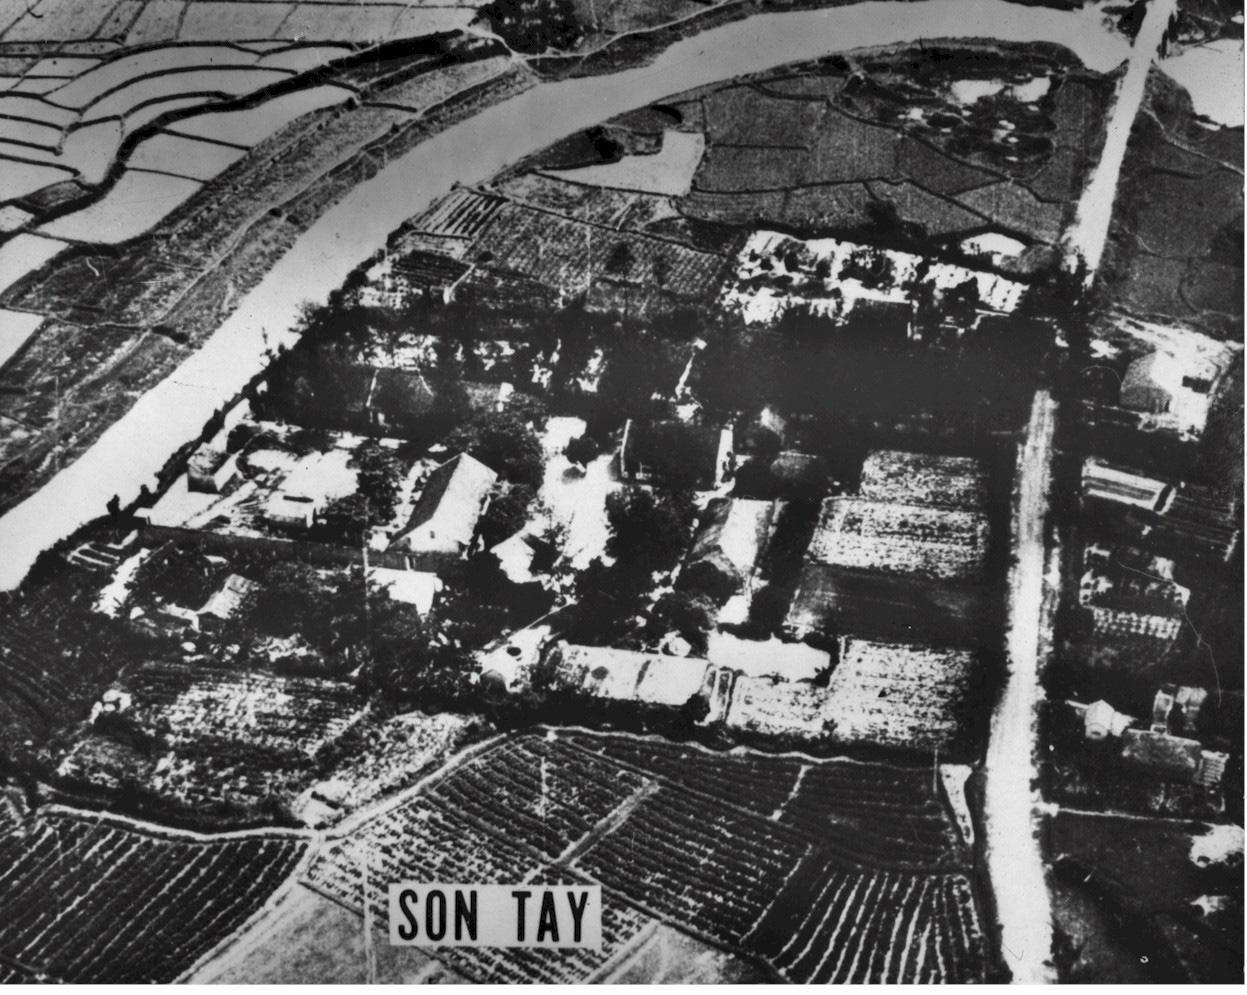 Trận đột kích đầu tiên và duy nhất ra miền Bắc Việt Nam của quân đội Mỹ - Ảnh 11.